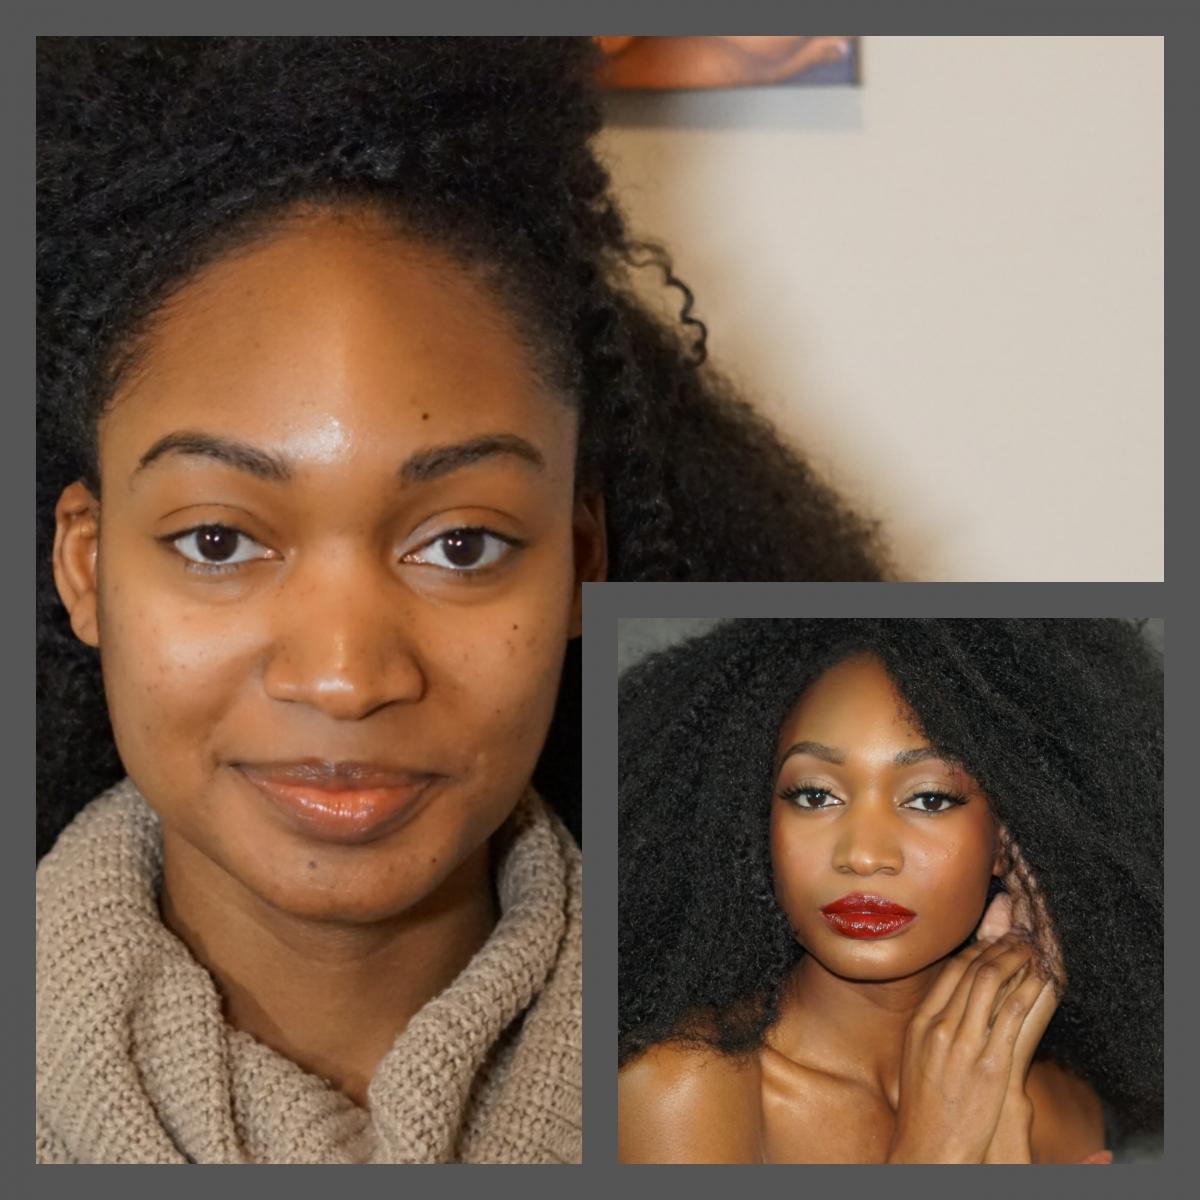 Makeup & Photo by Asia Thurston